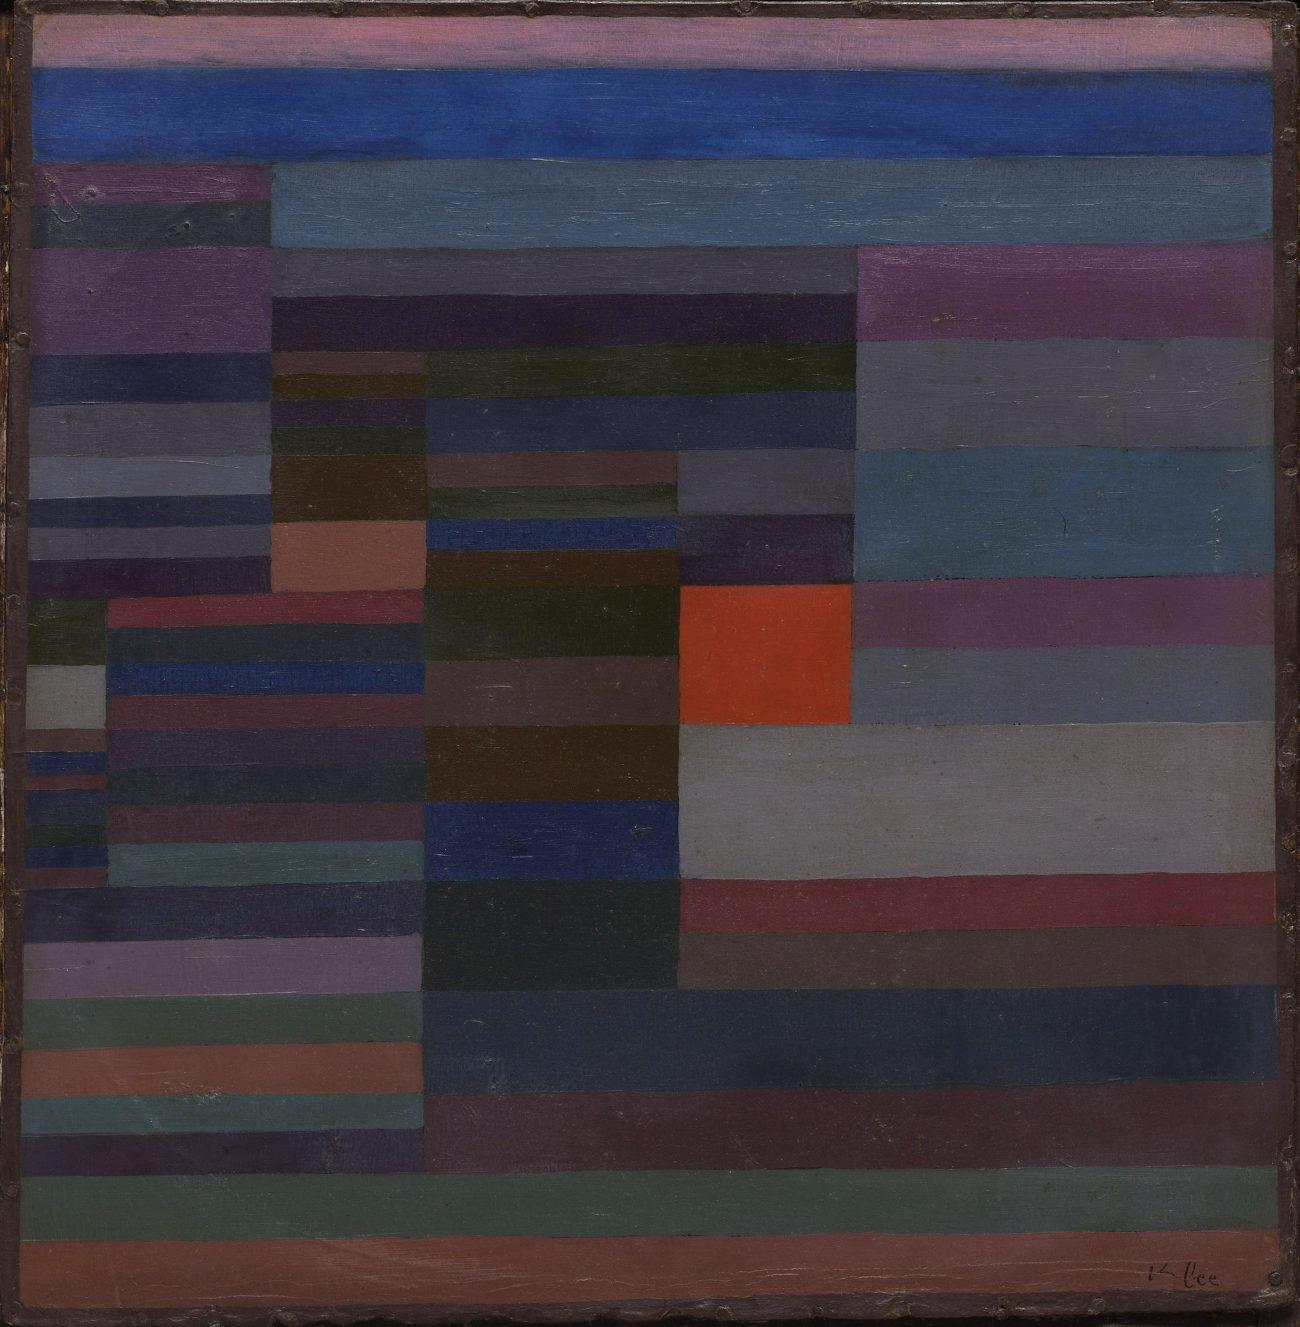 Paul Klee Ausstellung, PAUL KLEE, FEUER ABENDS, The Museum of Modern Art, New York